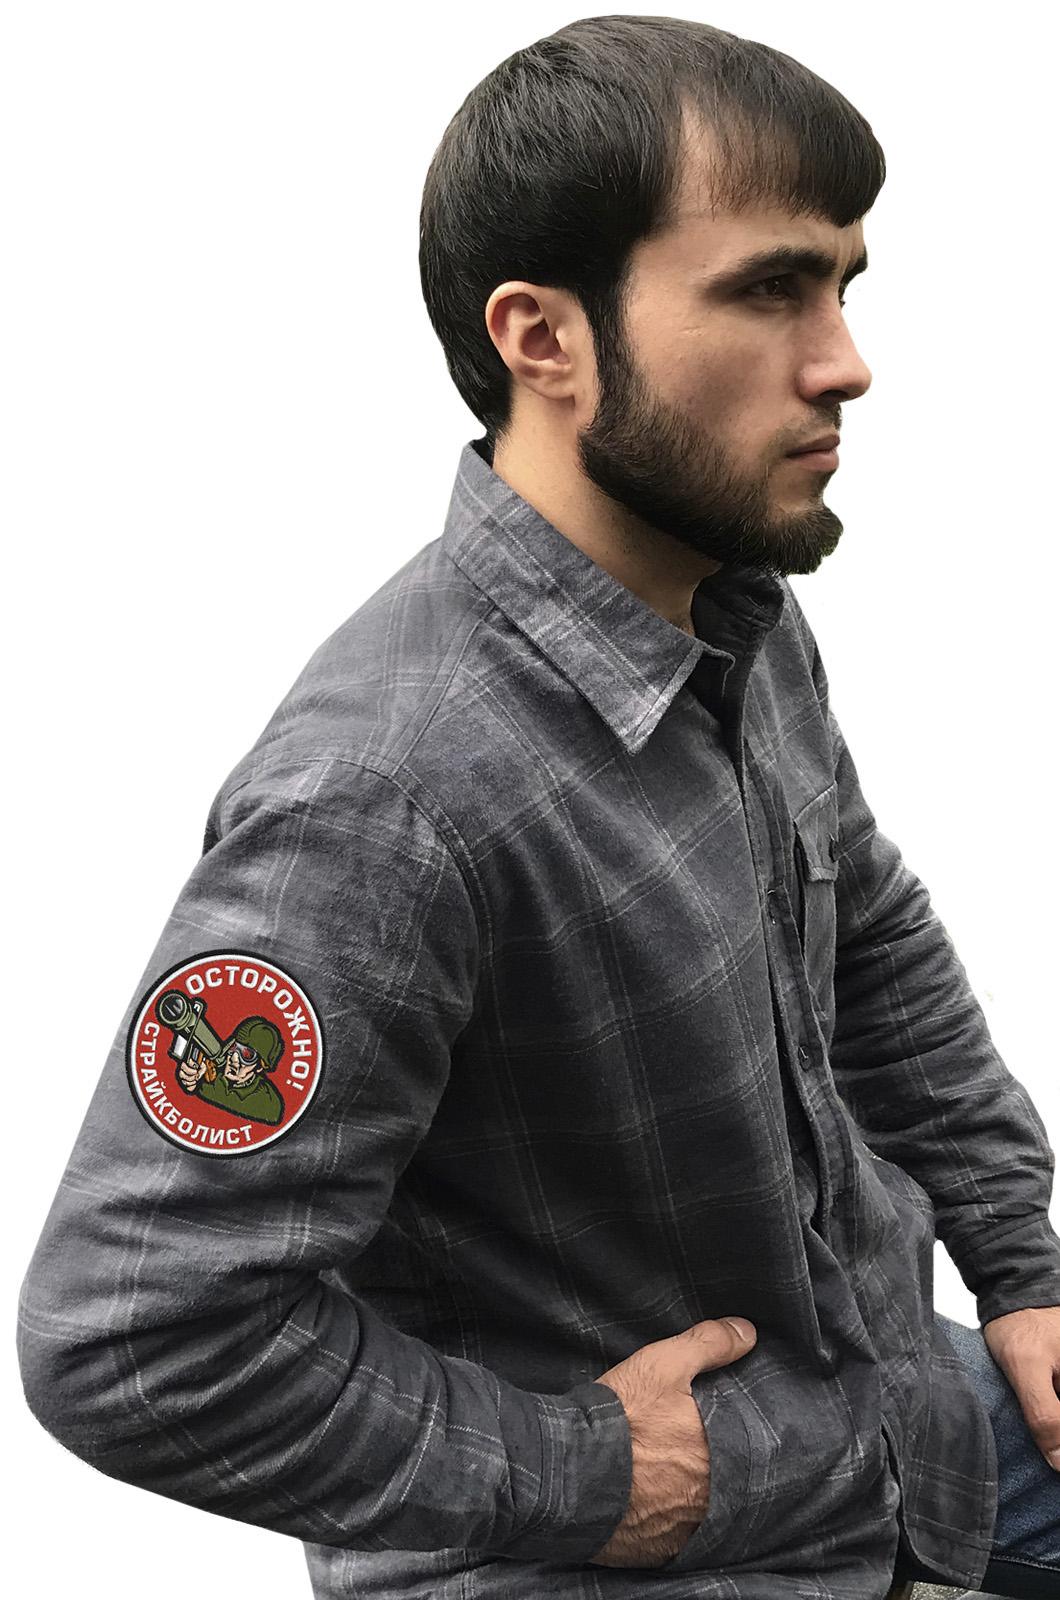 Мужская теплая рубашка с вышитым шевроном страйкболиста - купить онлайн